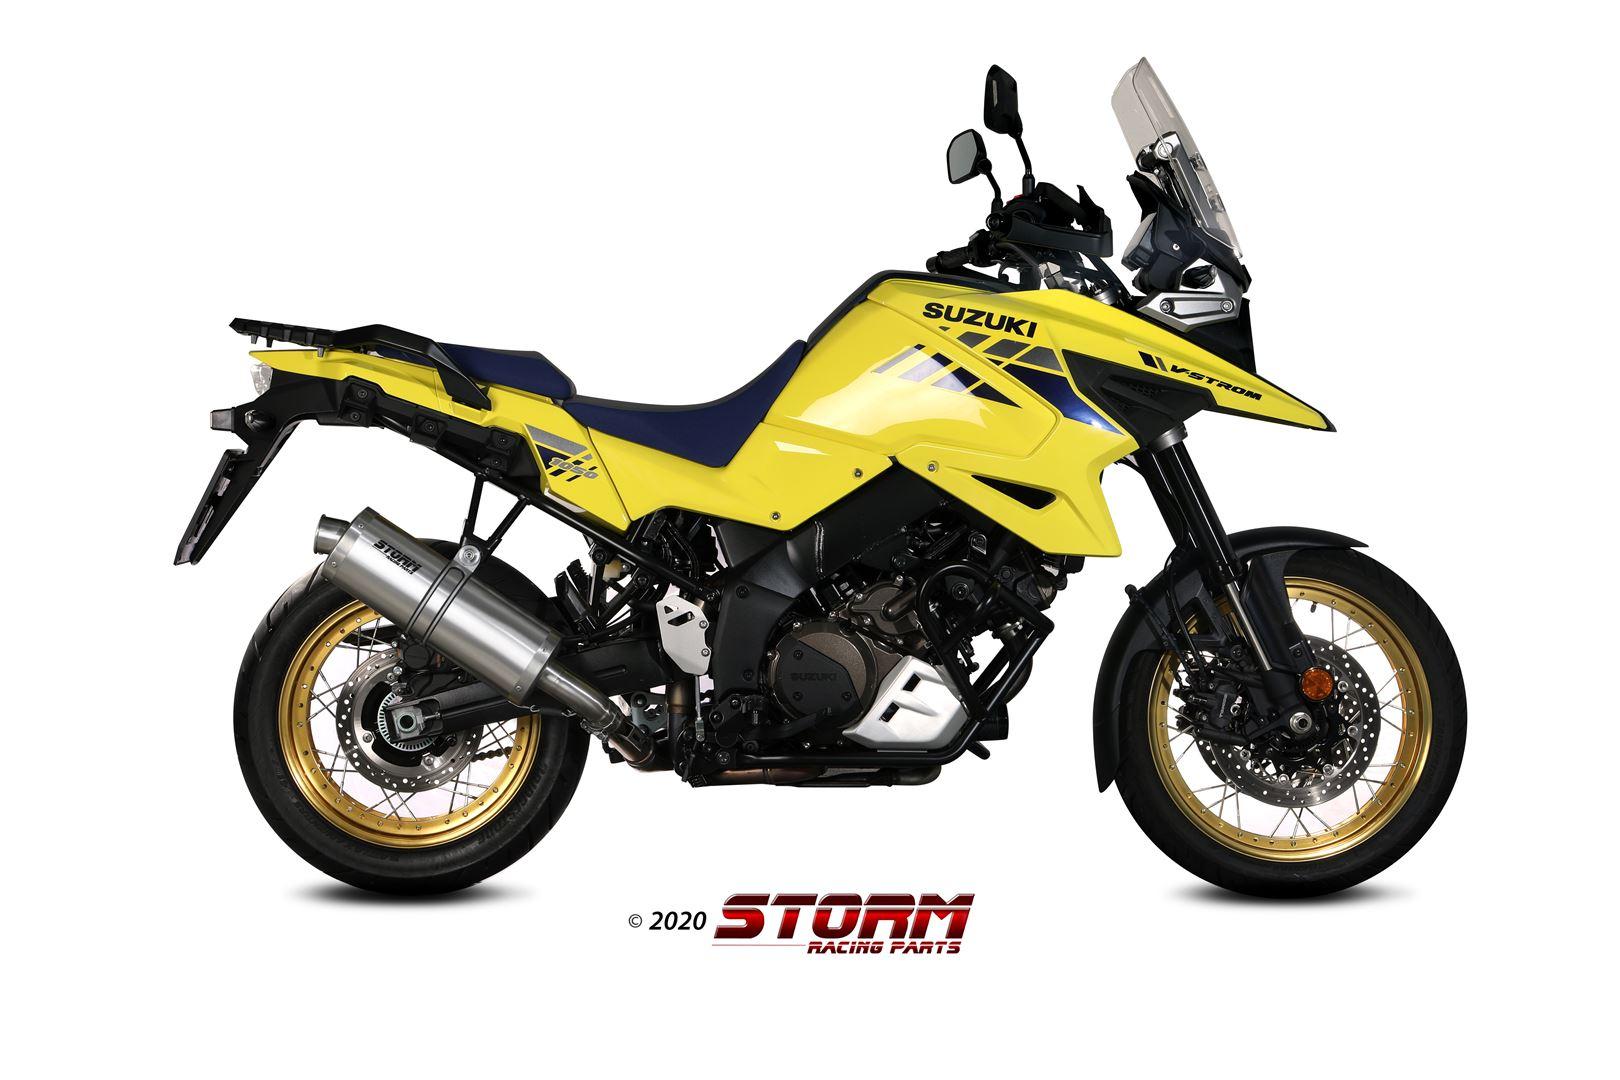 Suzuki_VStrom1050_2020-_74S042LX2_$01